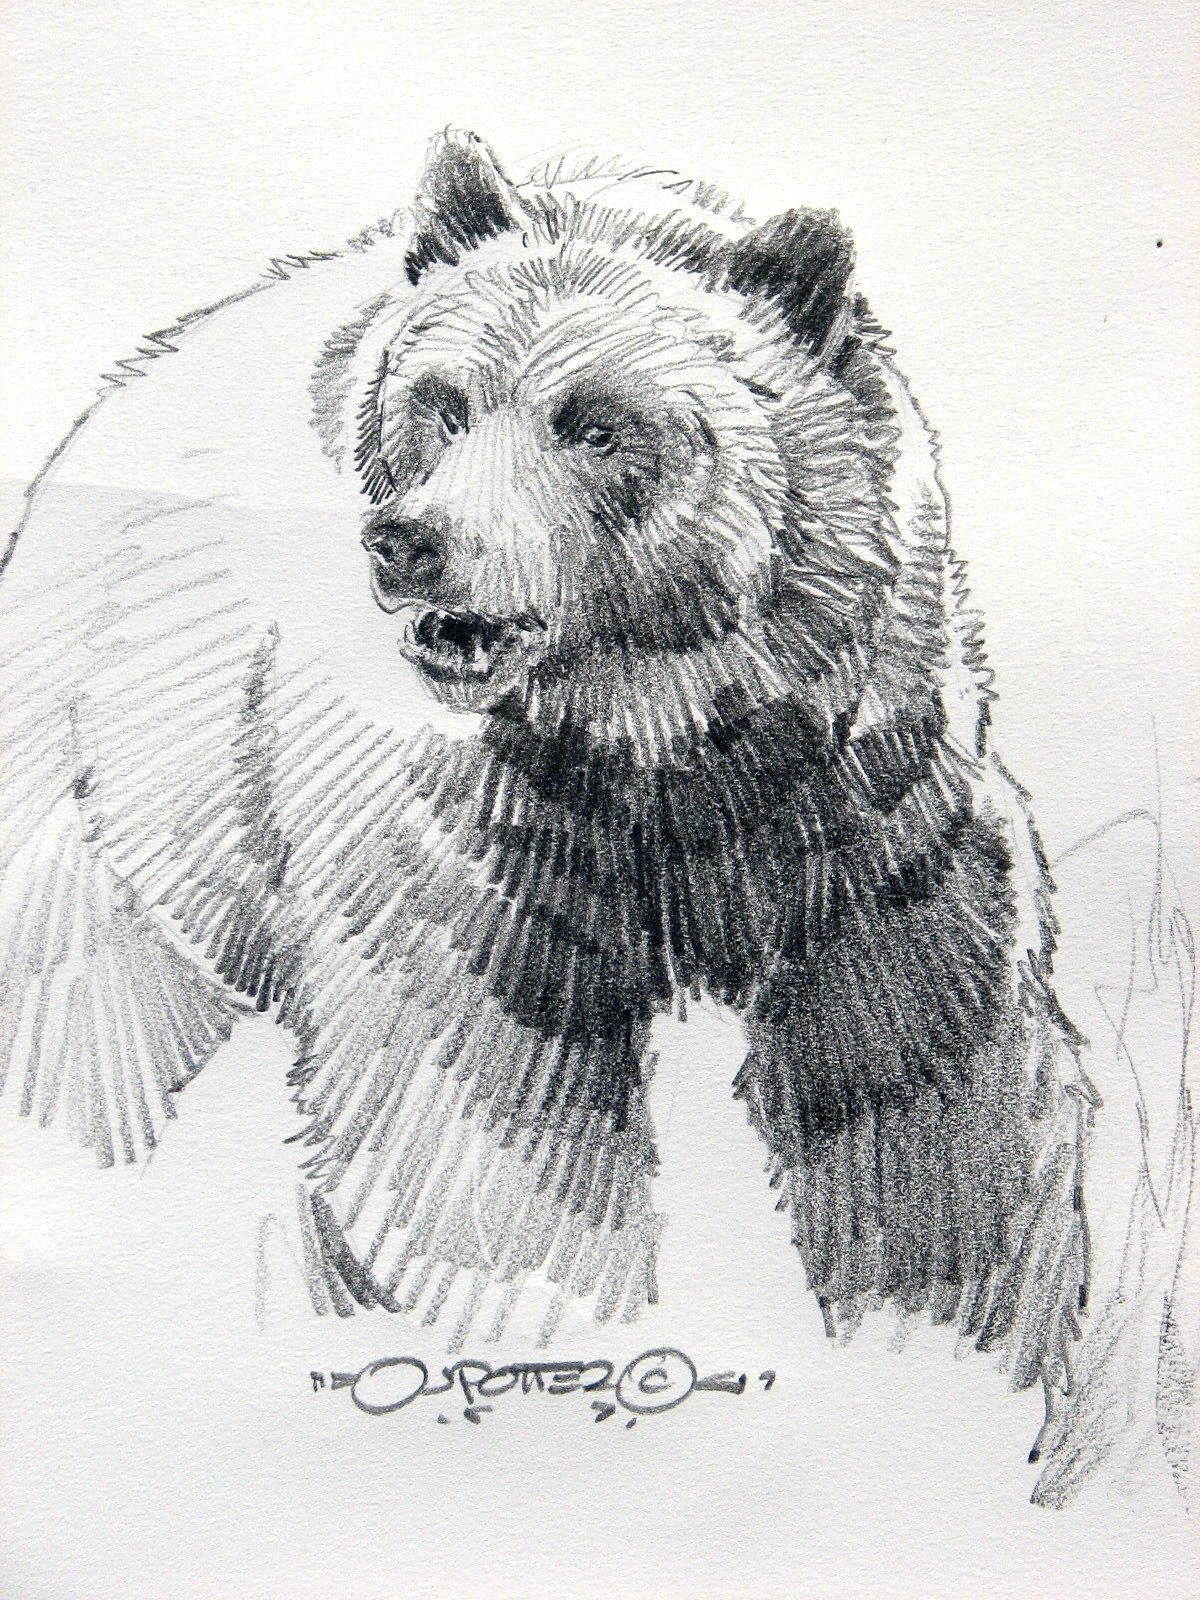 Drawn bear sketch Woes